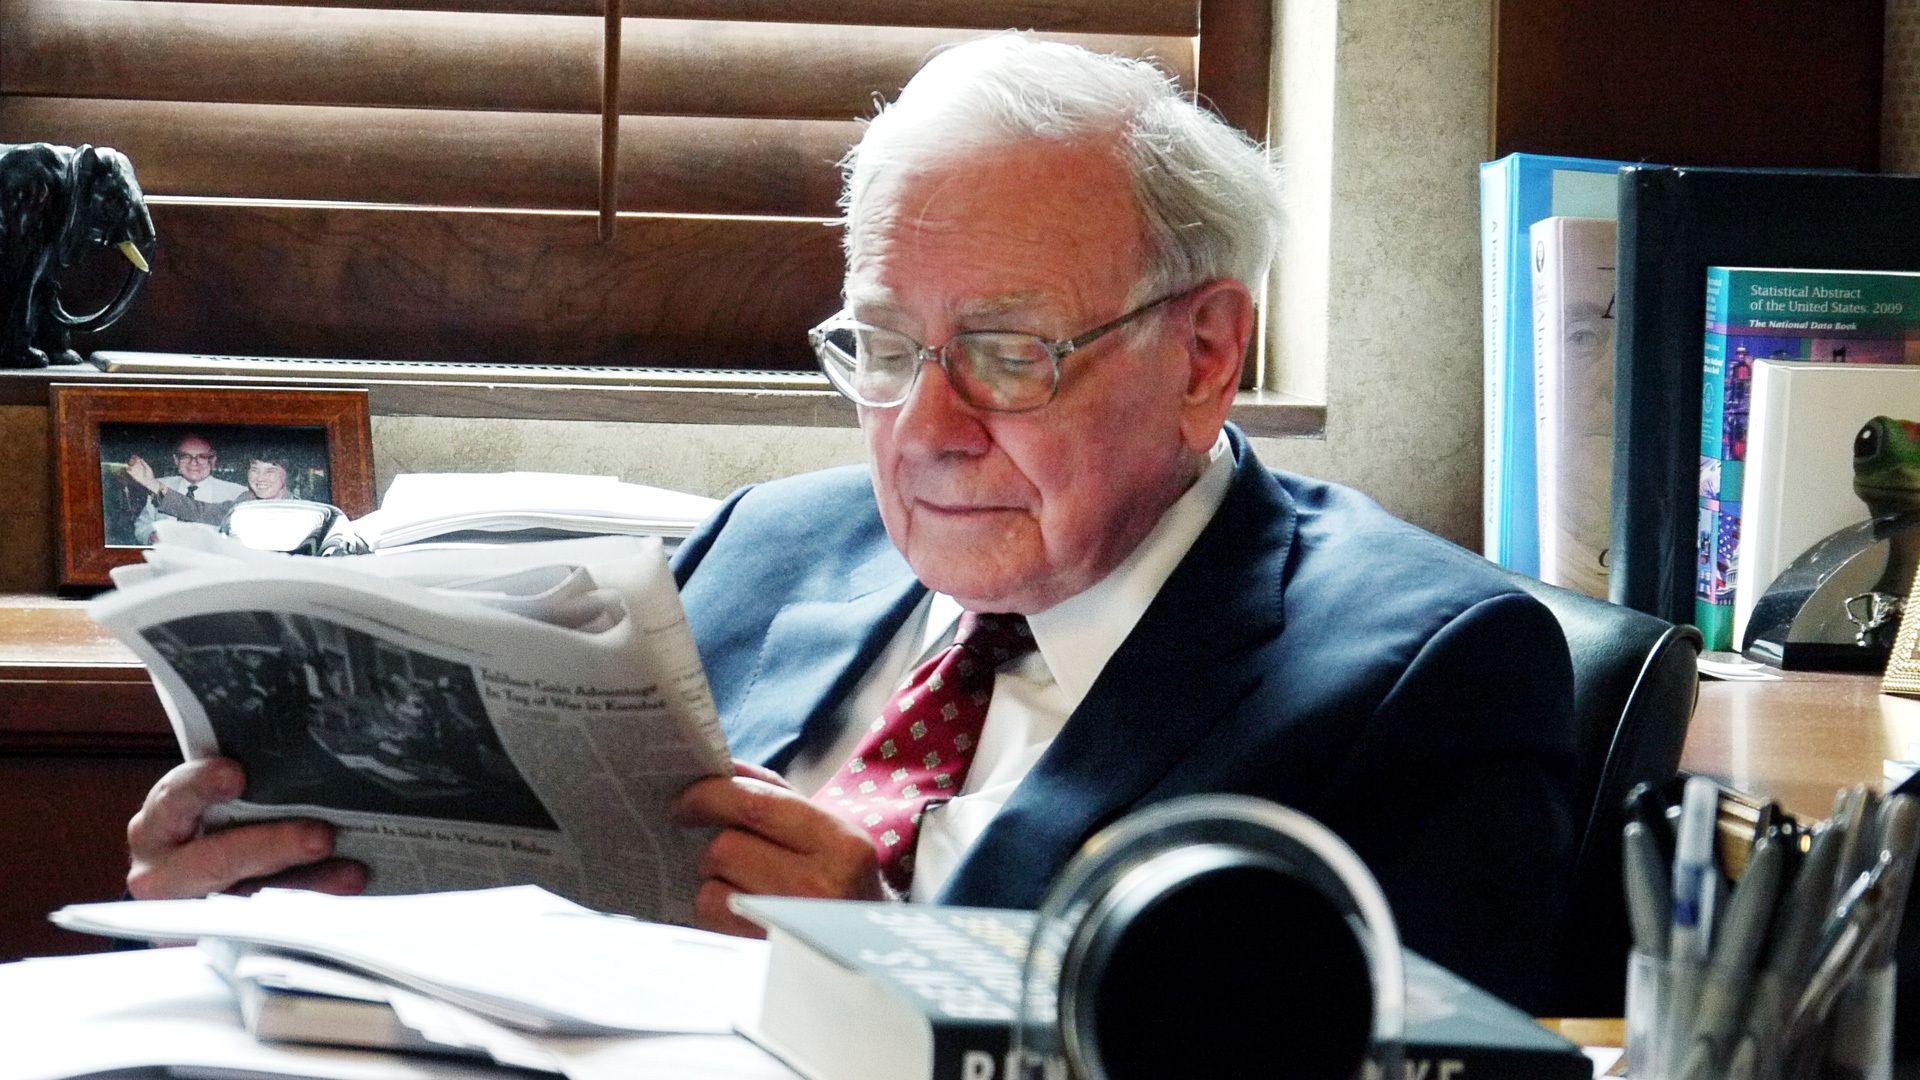 Download Becoming Warren Buffett 2017 Free Movie Entertainment World Movies Music Warren Buffett Investing Books Hbo Documentaries